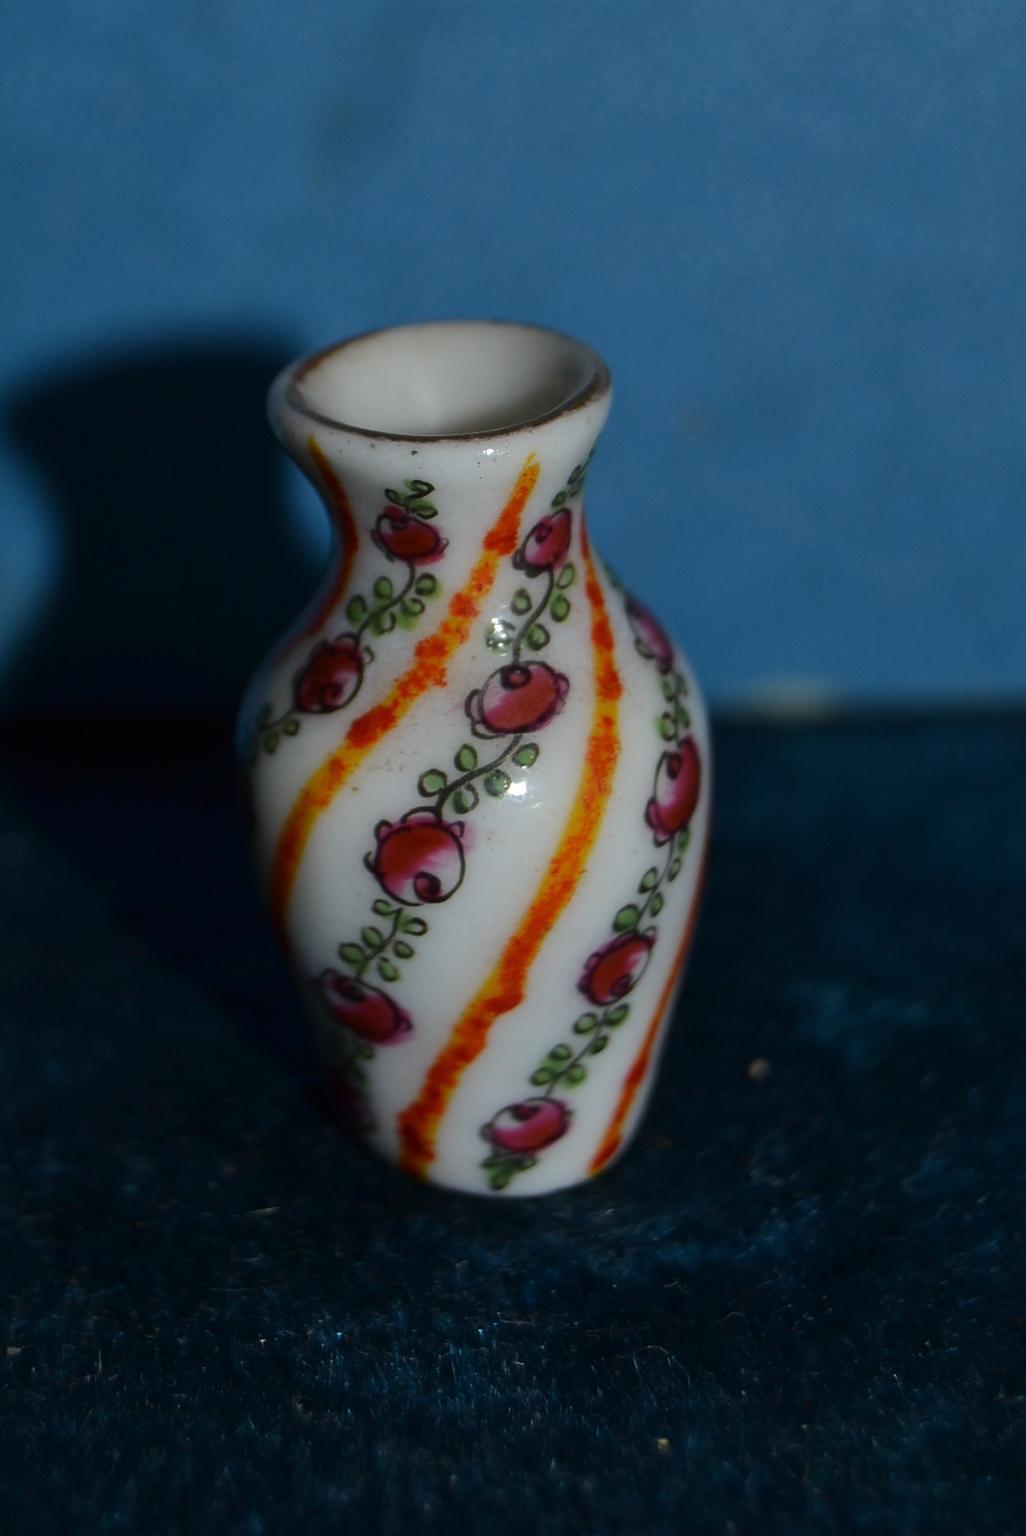 Gabriel fourmaintraux charming vase